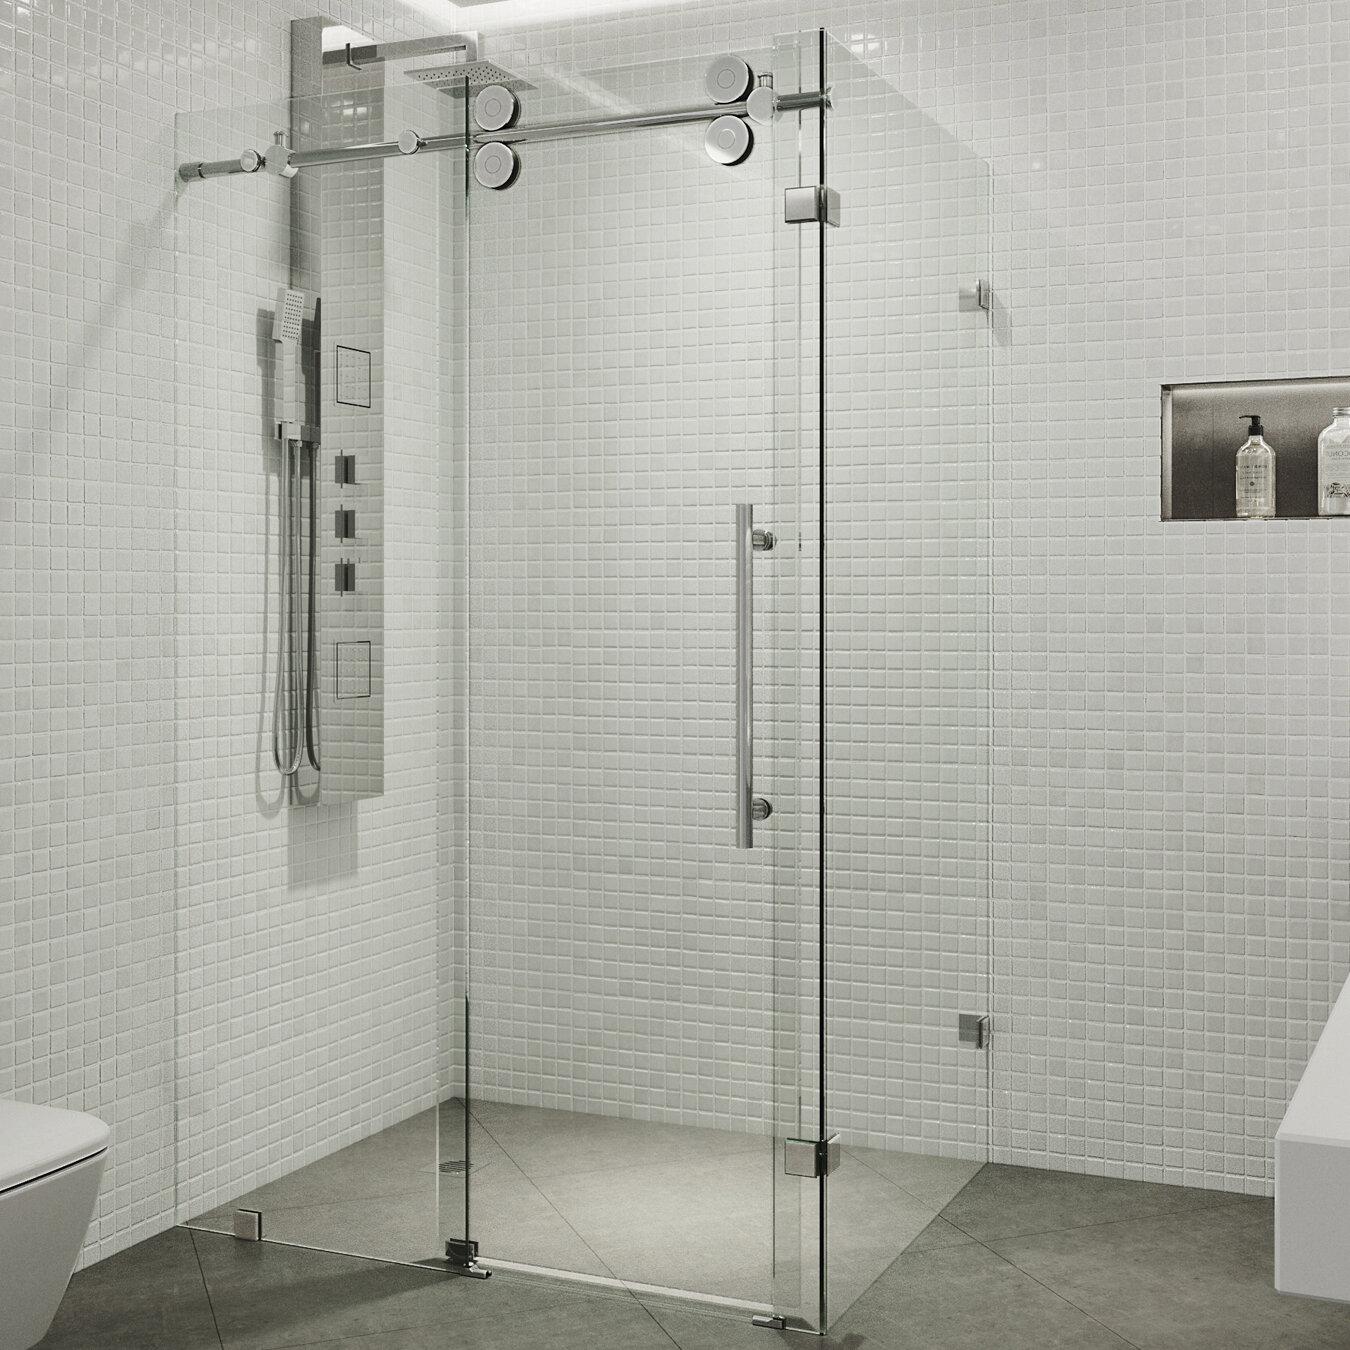 Vigo Winslow 465 X 74 Rectangle Sliding Shower Enclosure